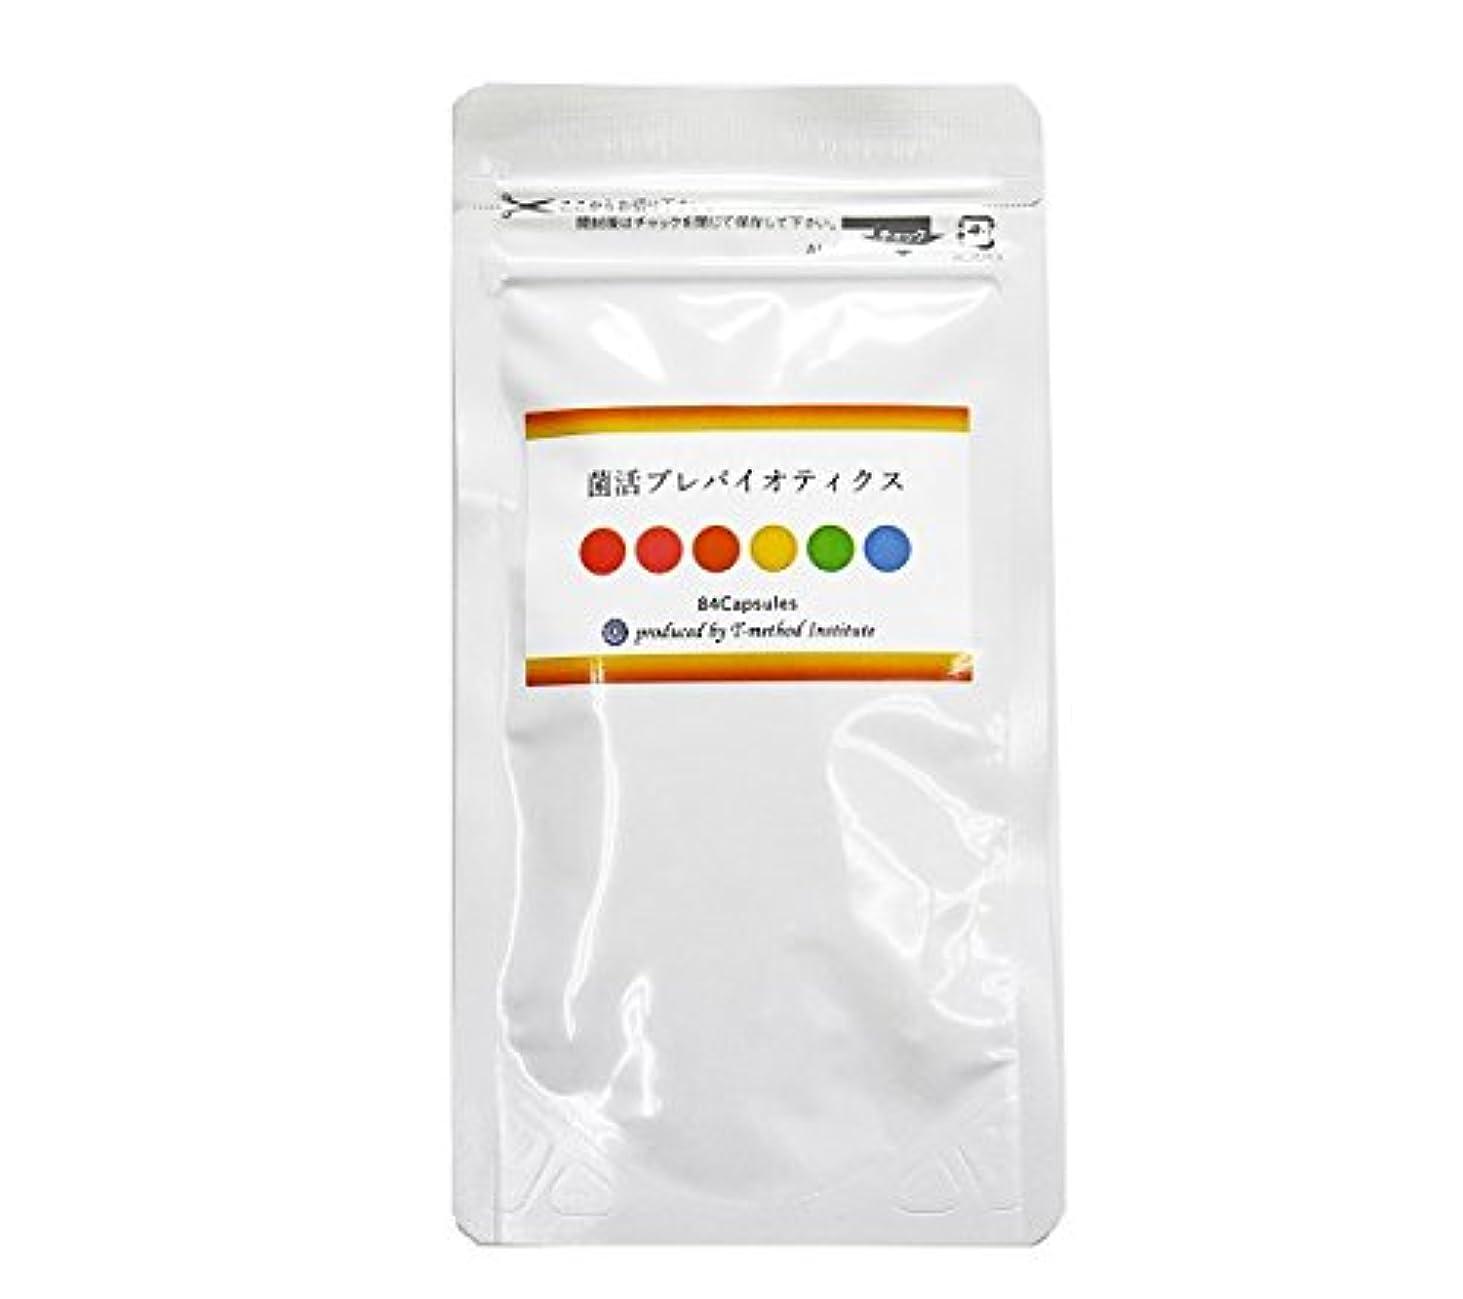 ピストルアレイバングラデシュ菌活プレバイオティクス 84カプセル 1週間分 乳酸菌 サプリ